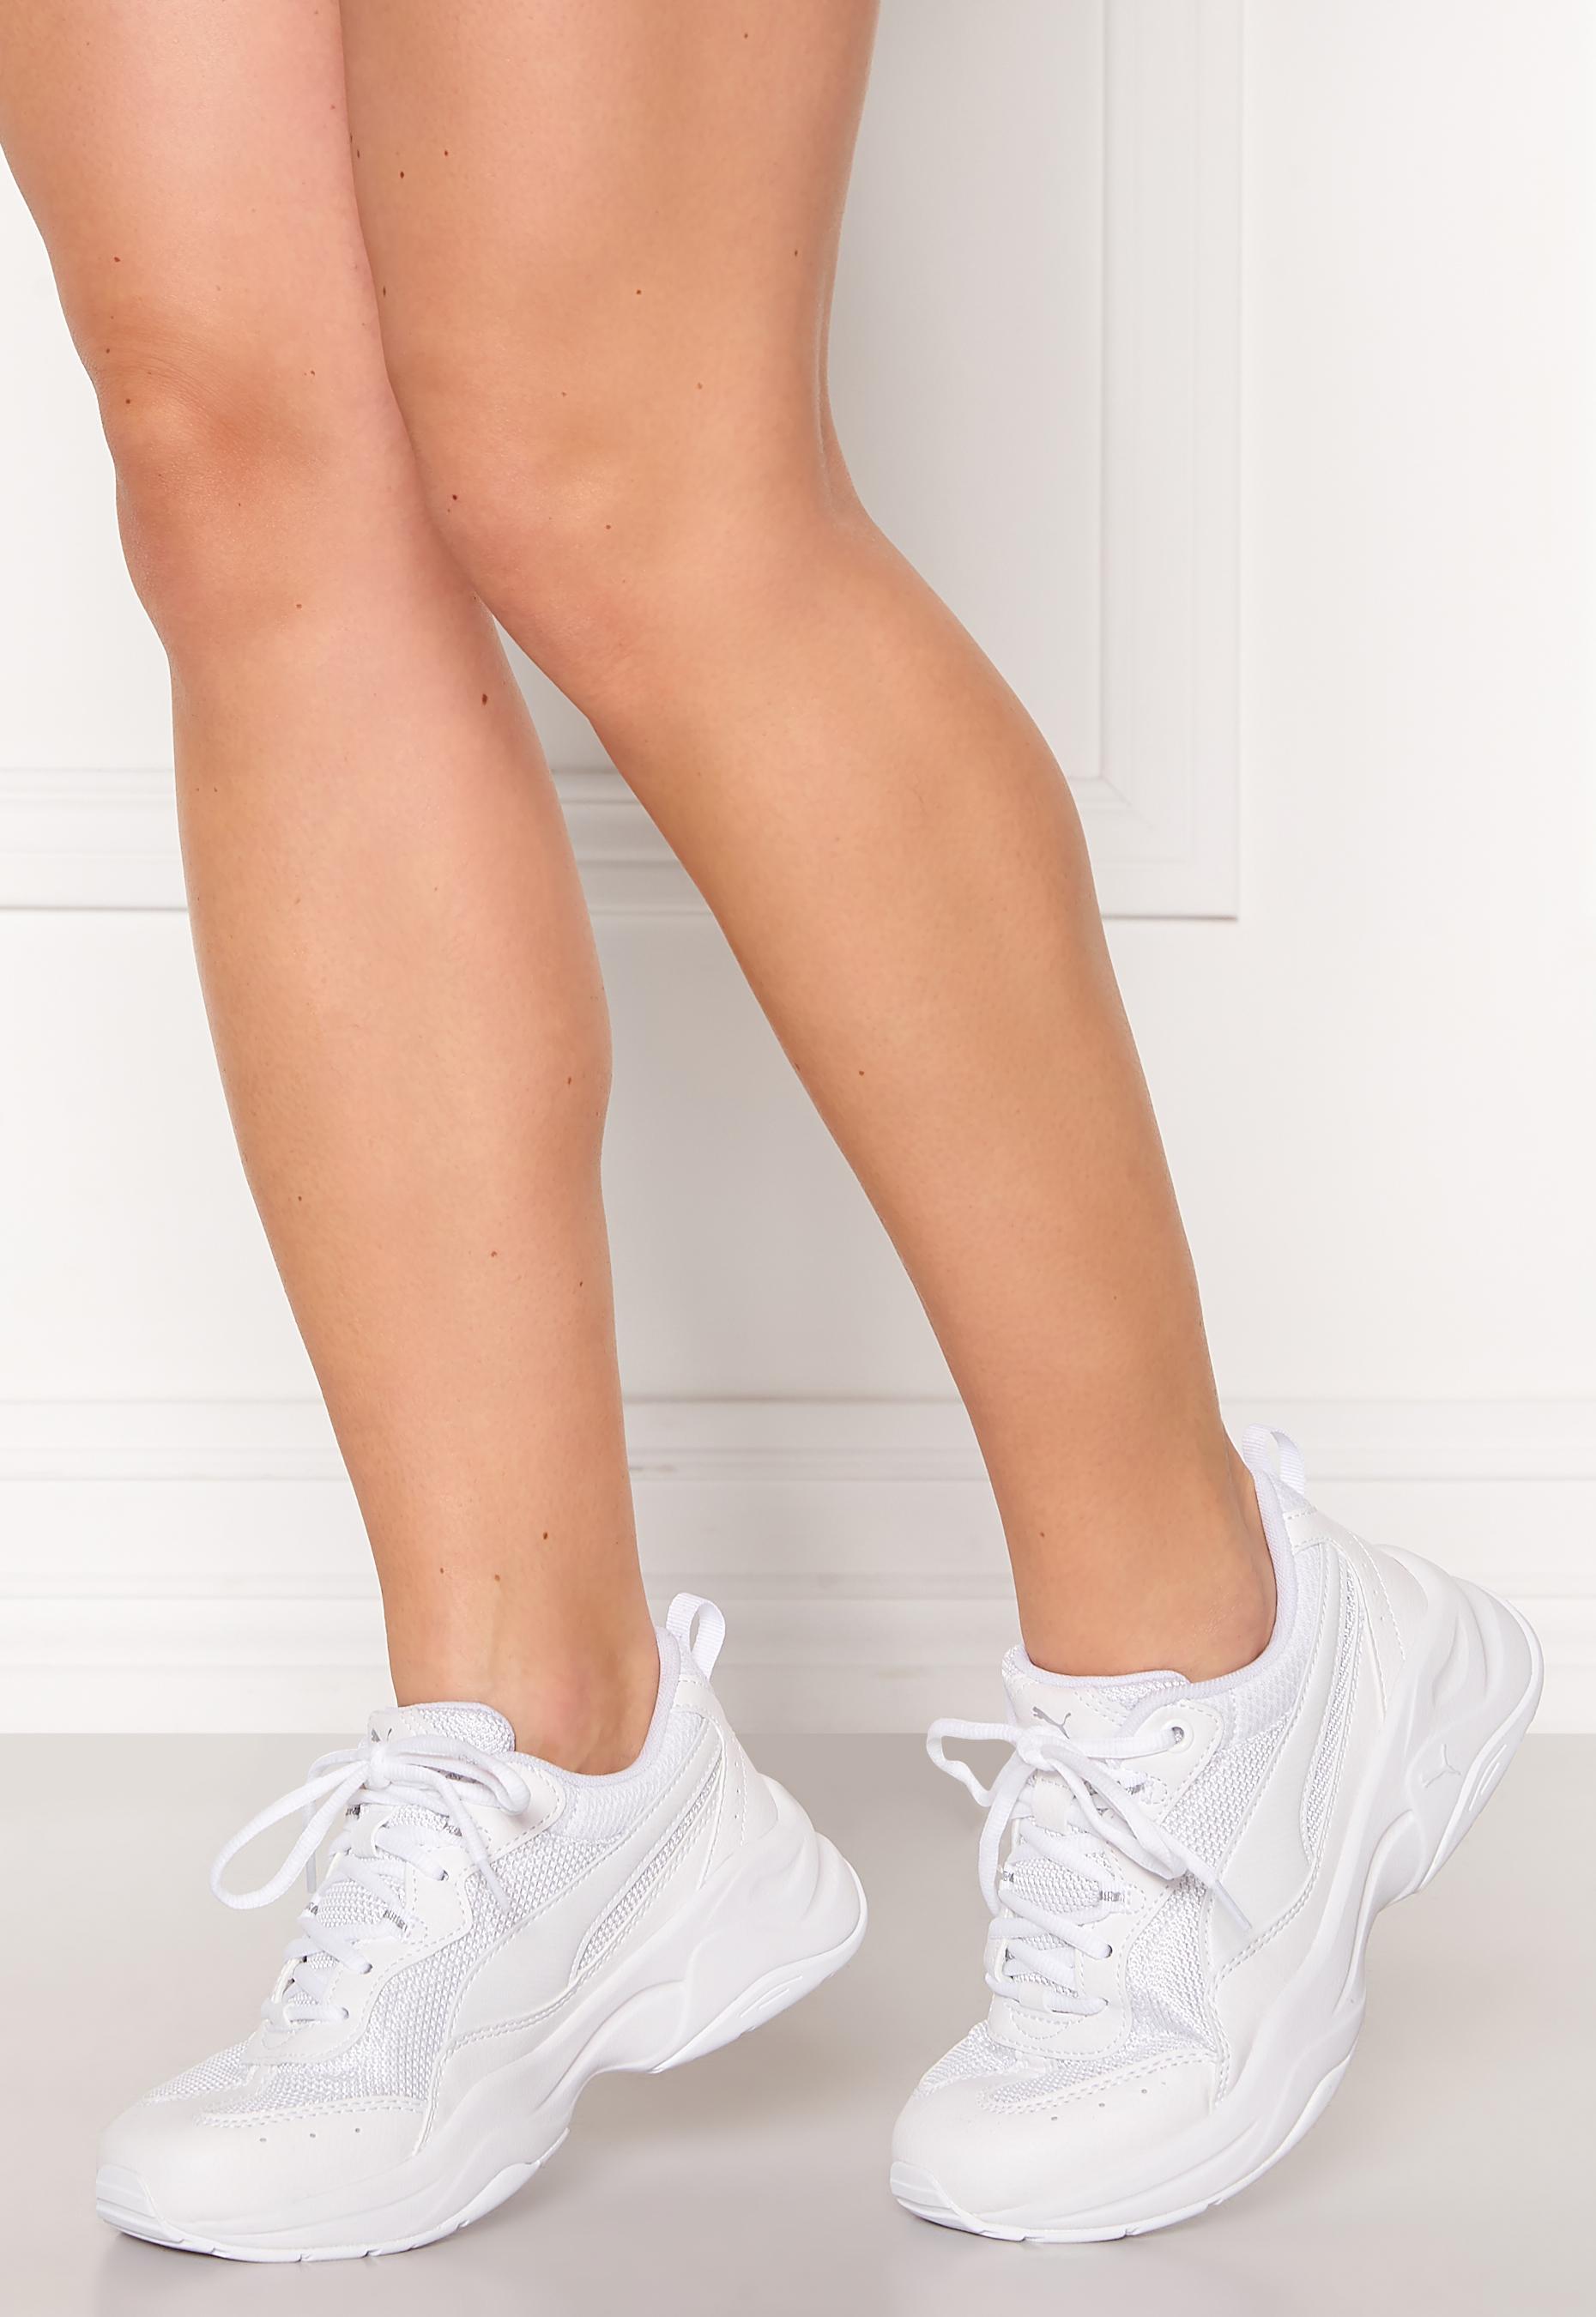 PUMA Cilia Sneakers White - Bubbleroom